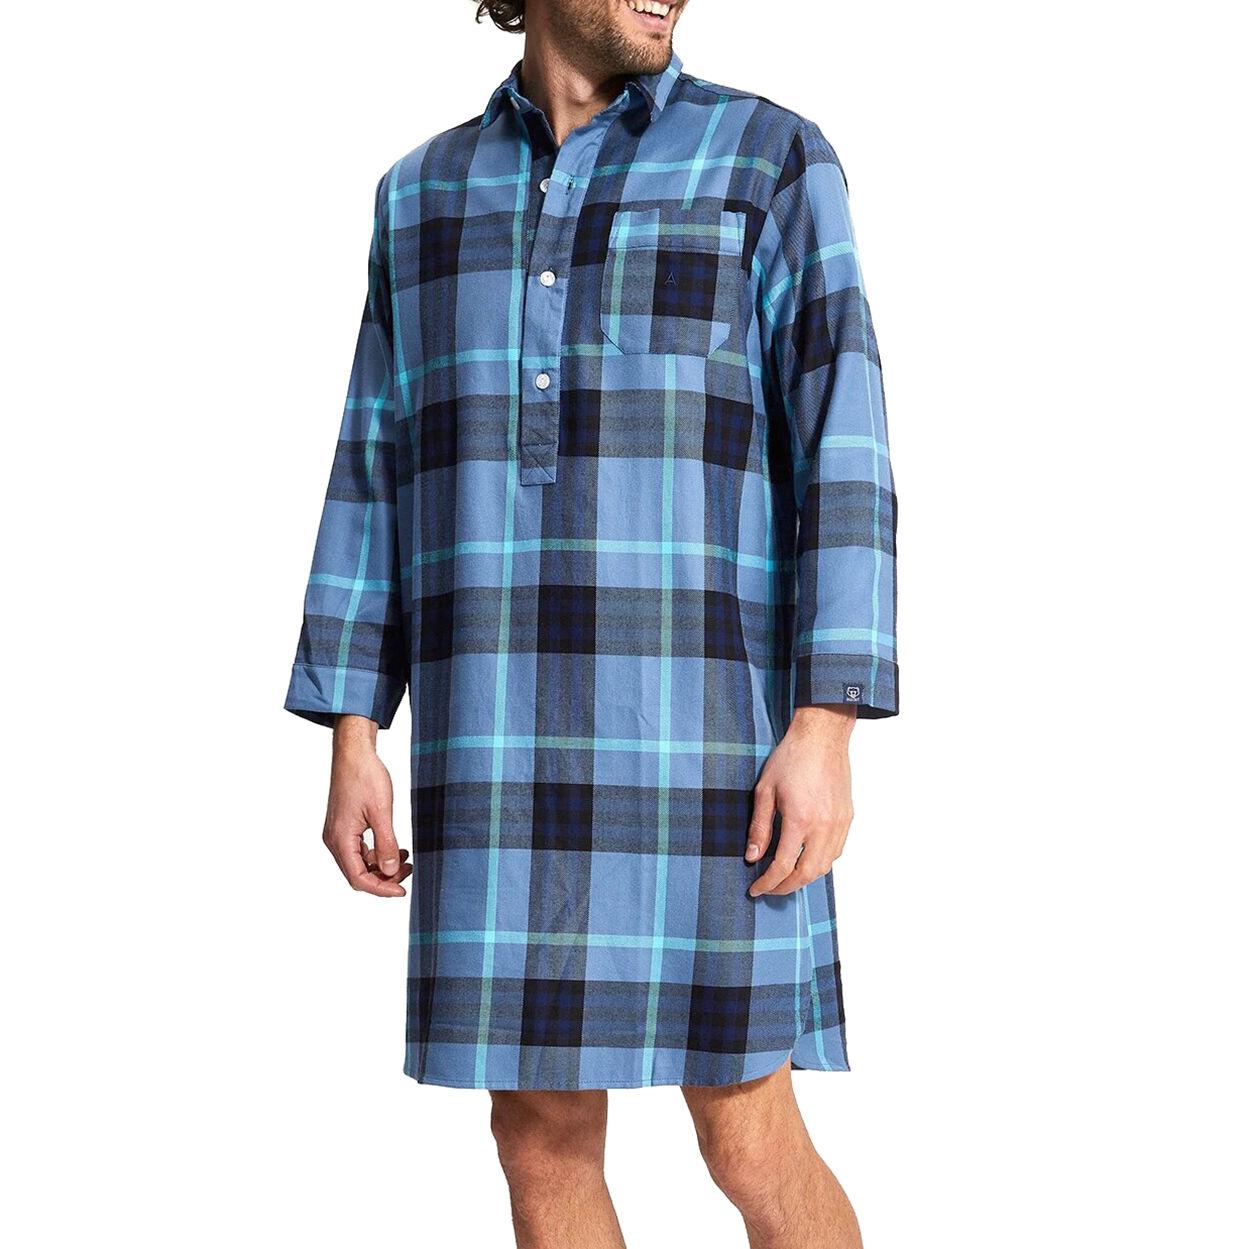 Arthur Liquette chemise Arthur Mcphee en coton bleu à carreaux - BLEU -